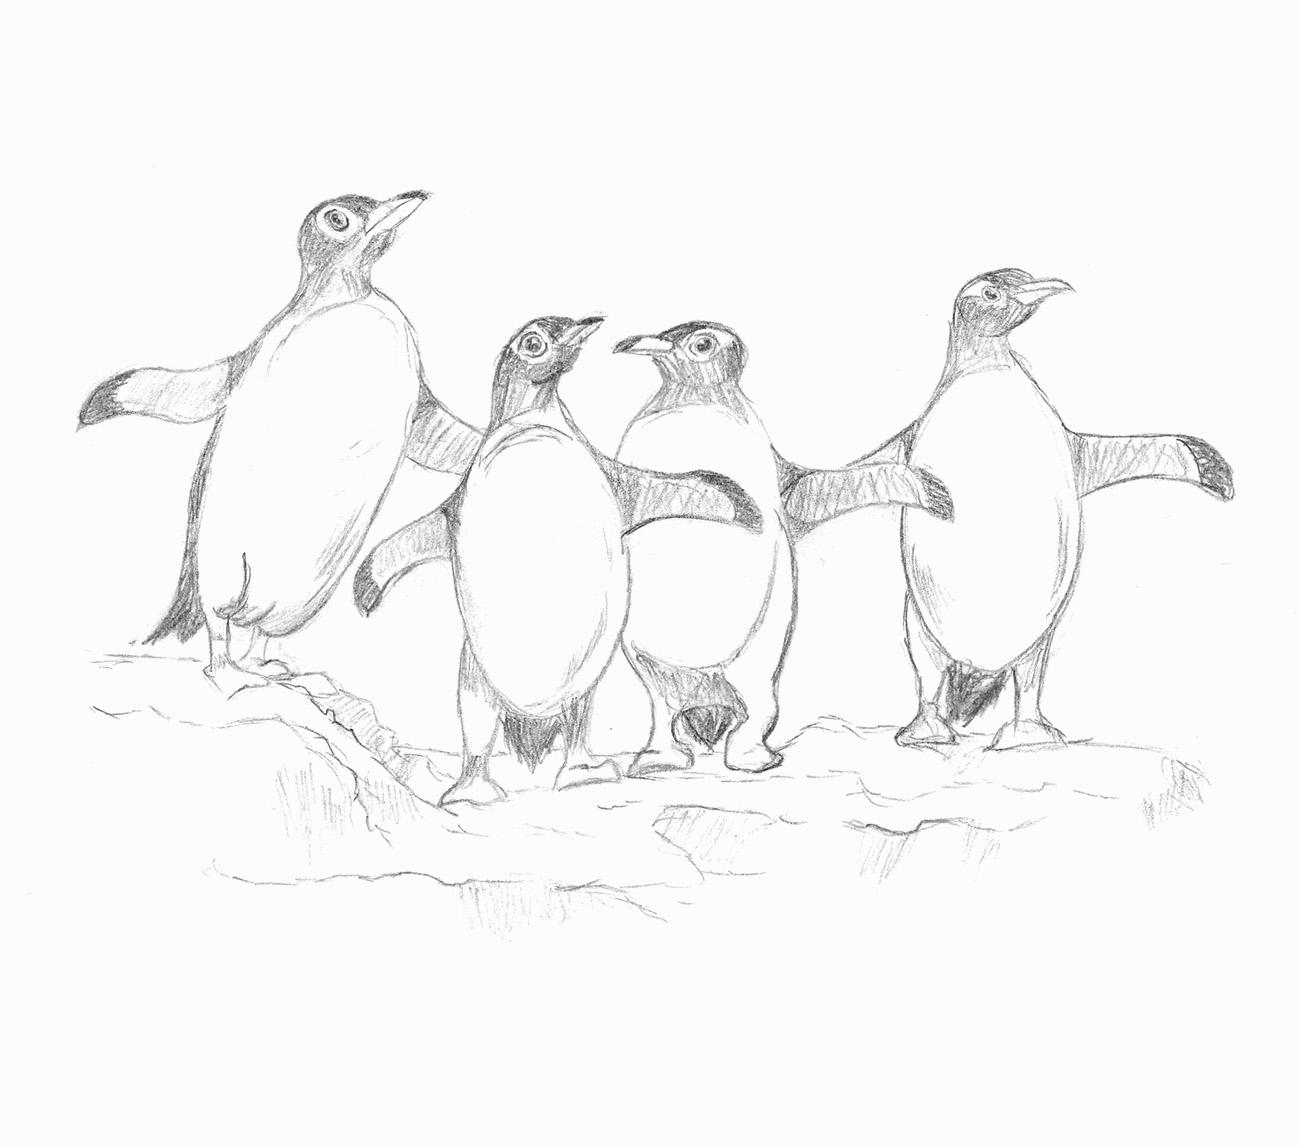 Skizze von vier Pinguinen auf einer Eisscholle